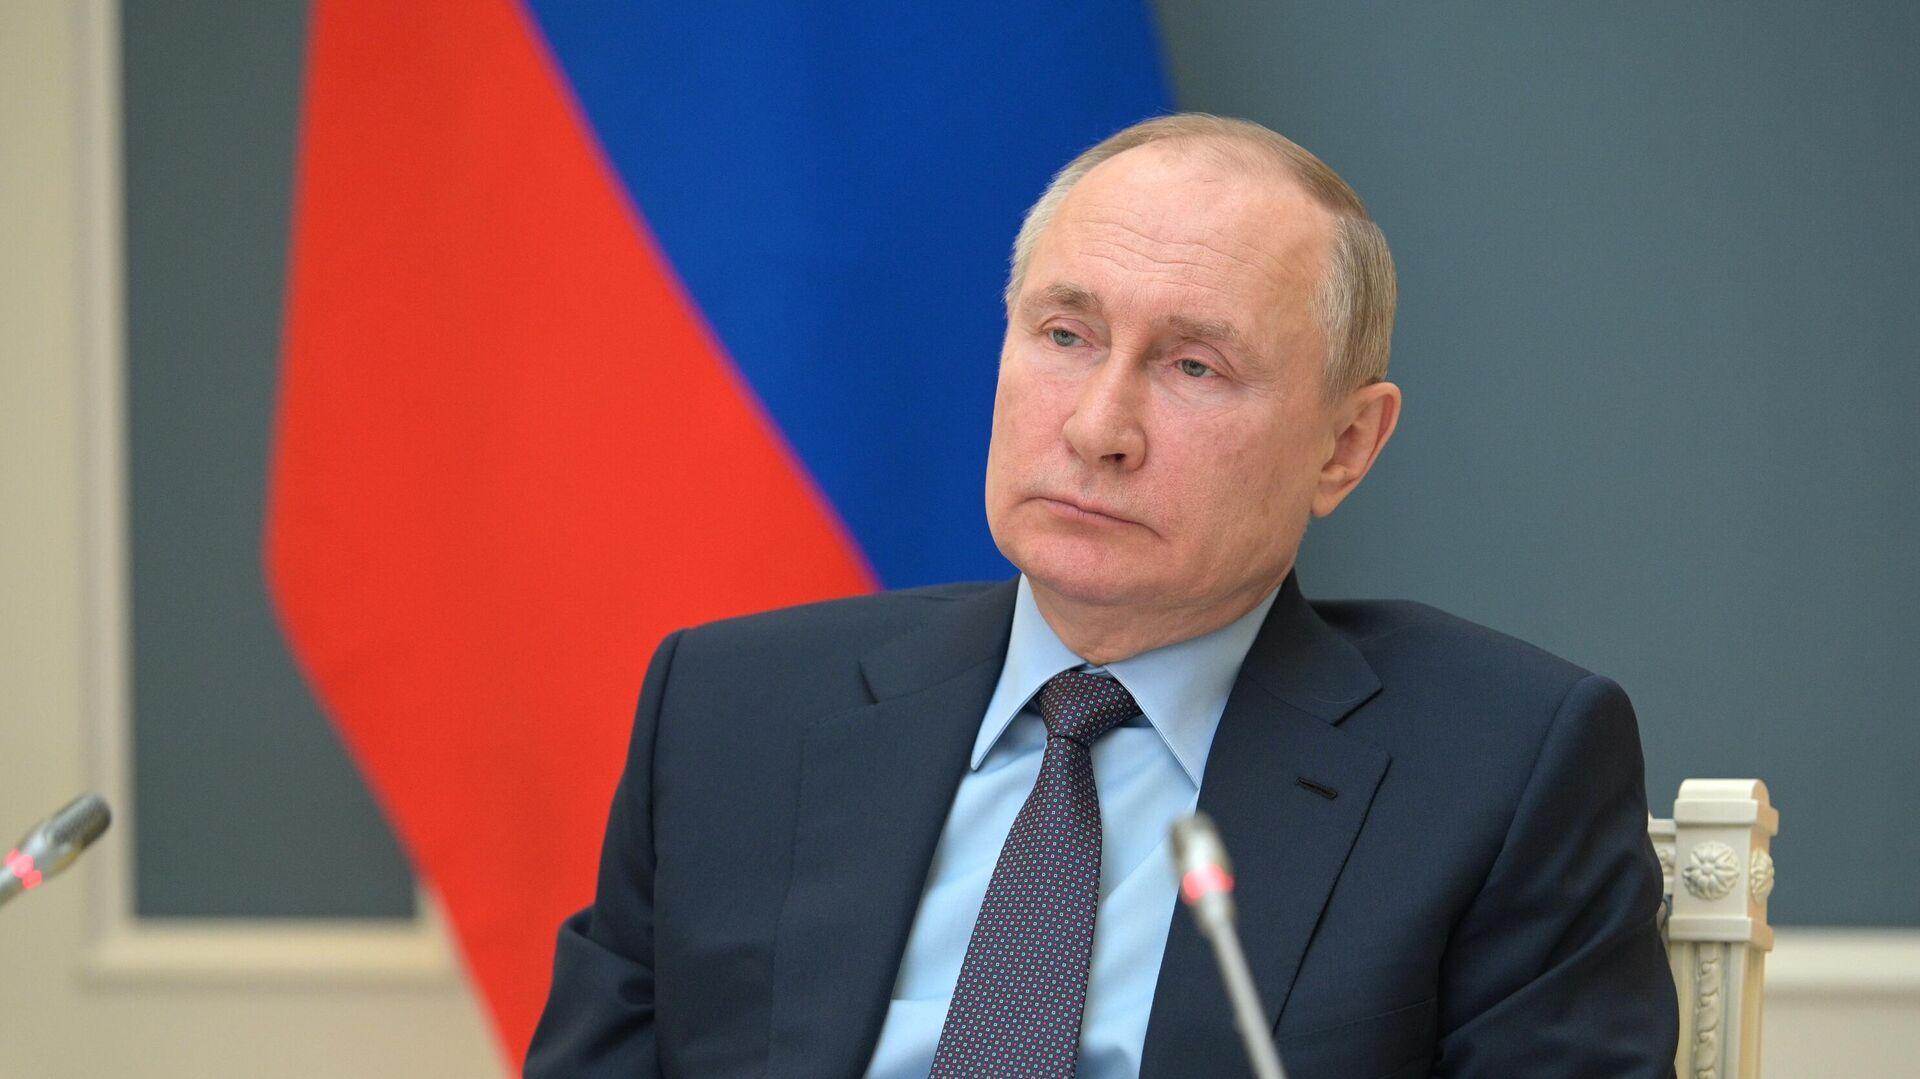 Путин подписал закон об участии физлиц-иноагентов в выборах